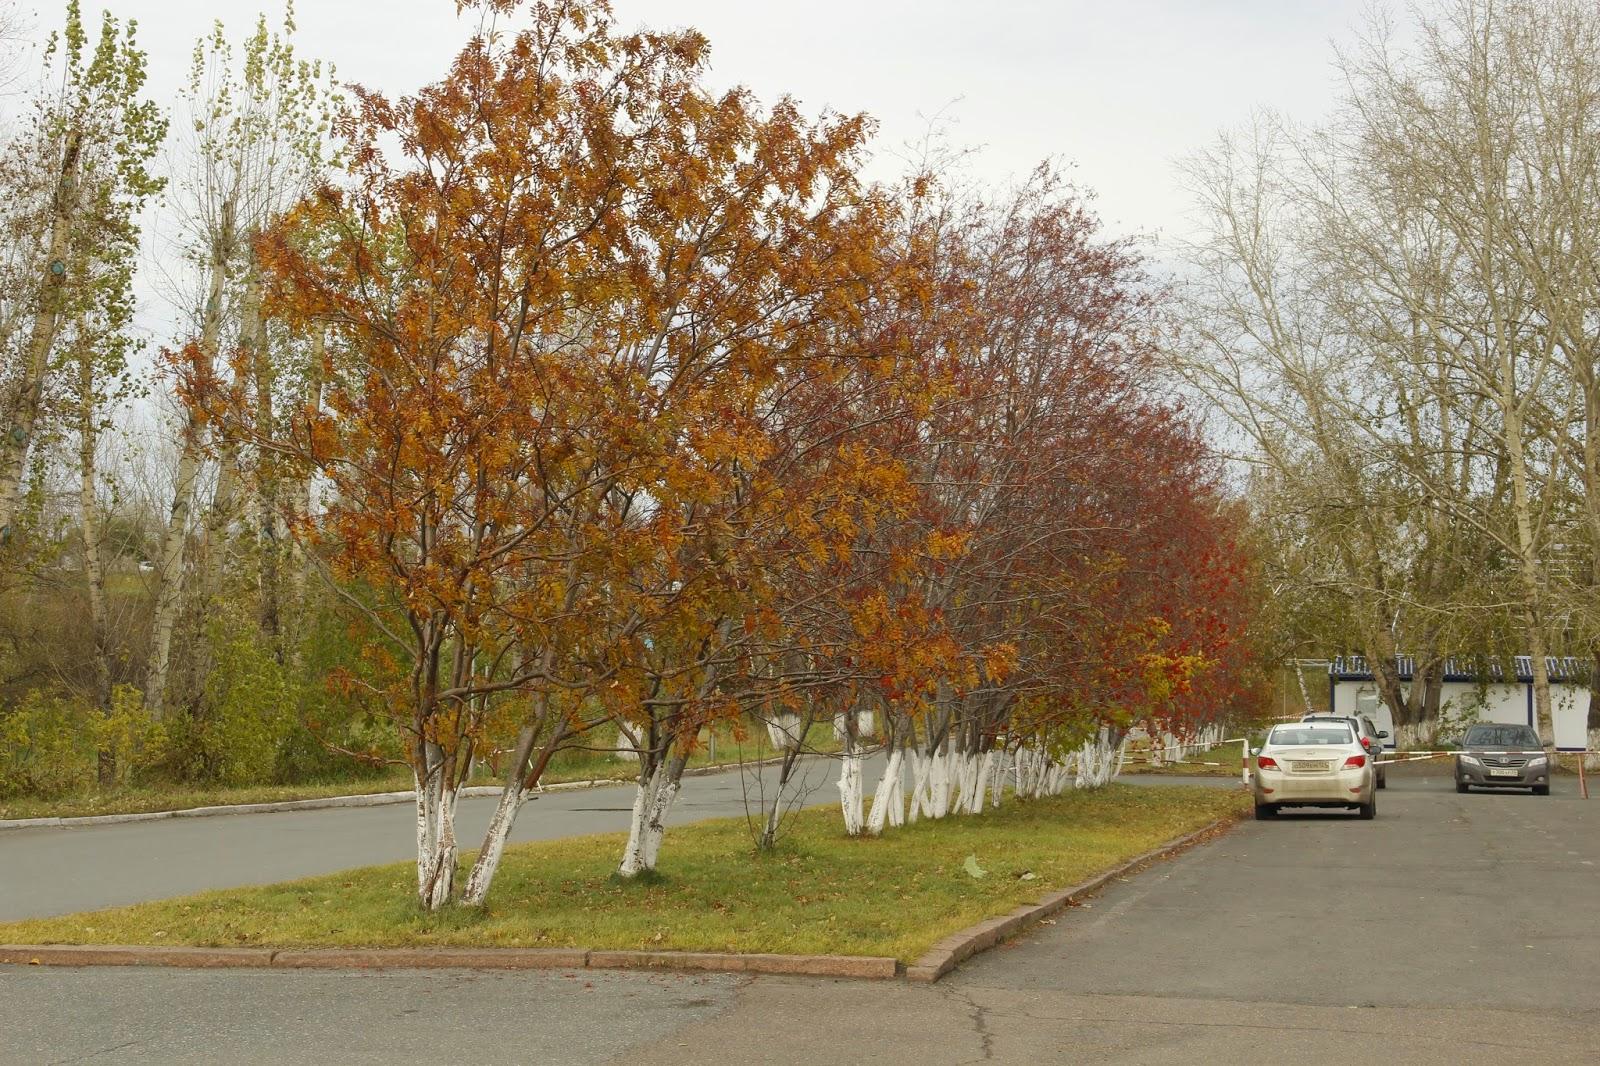 осенняя аллея, рябины, пейзажное фото